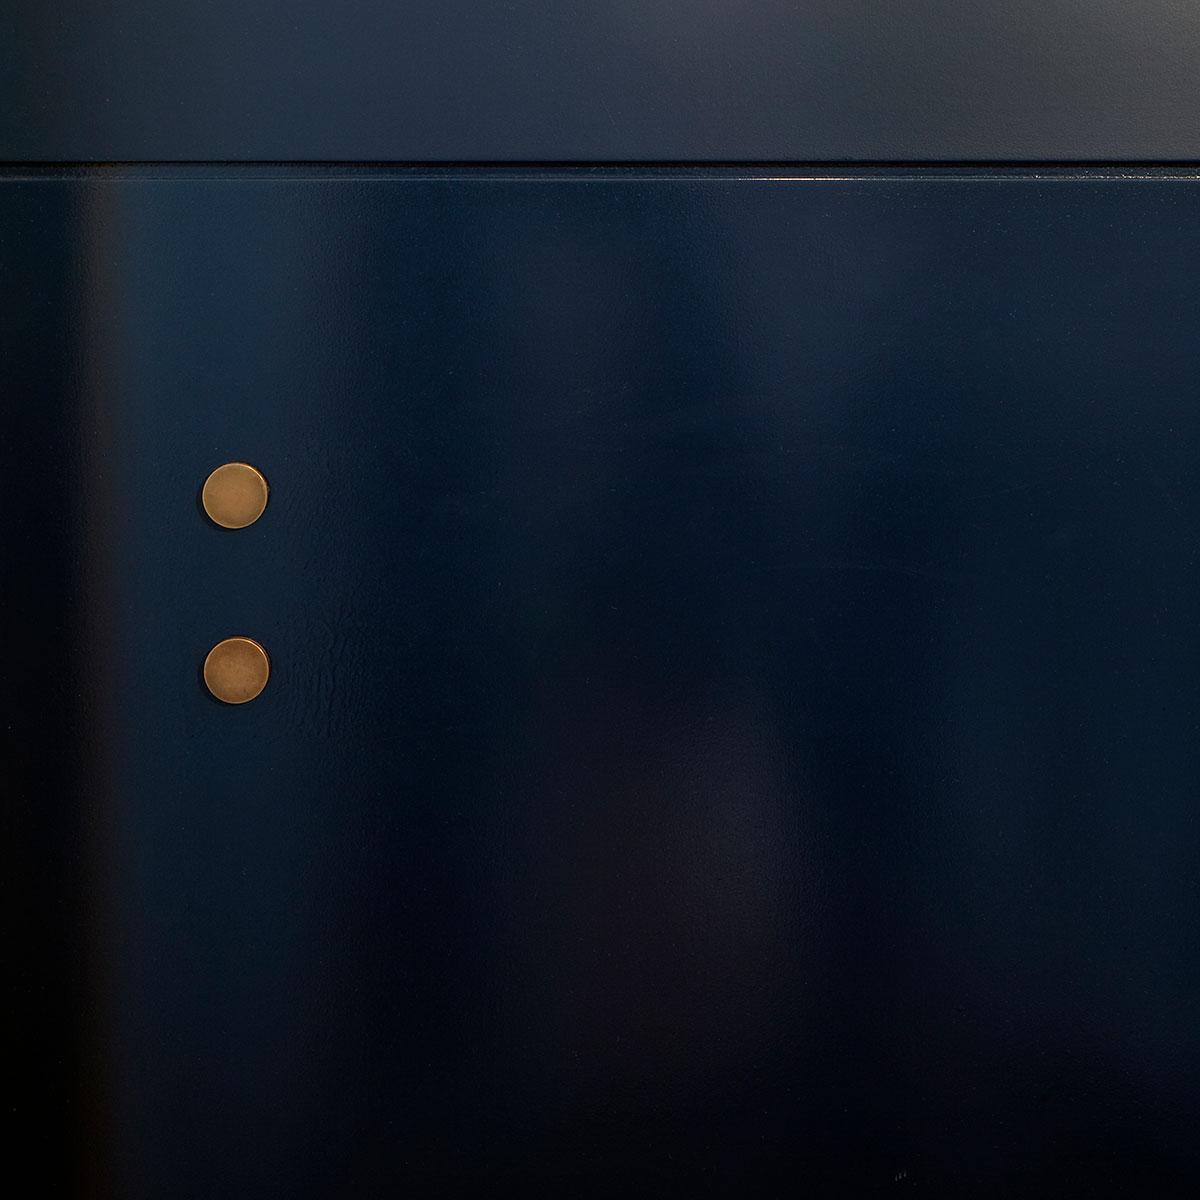 kickoffice casa dgr detail boiserie brass blue